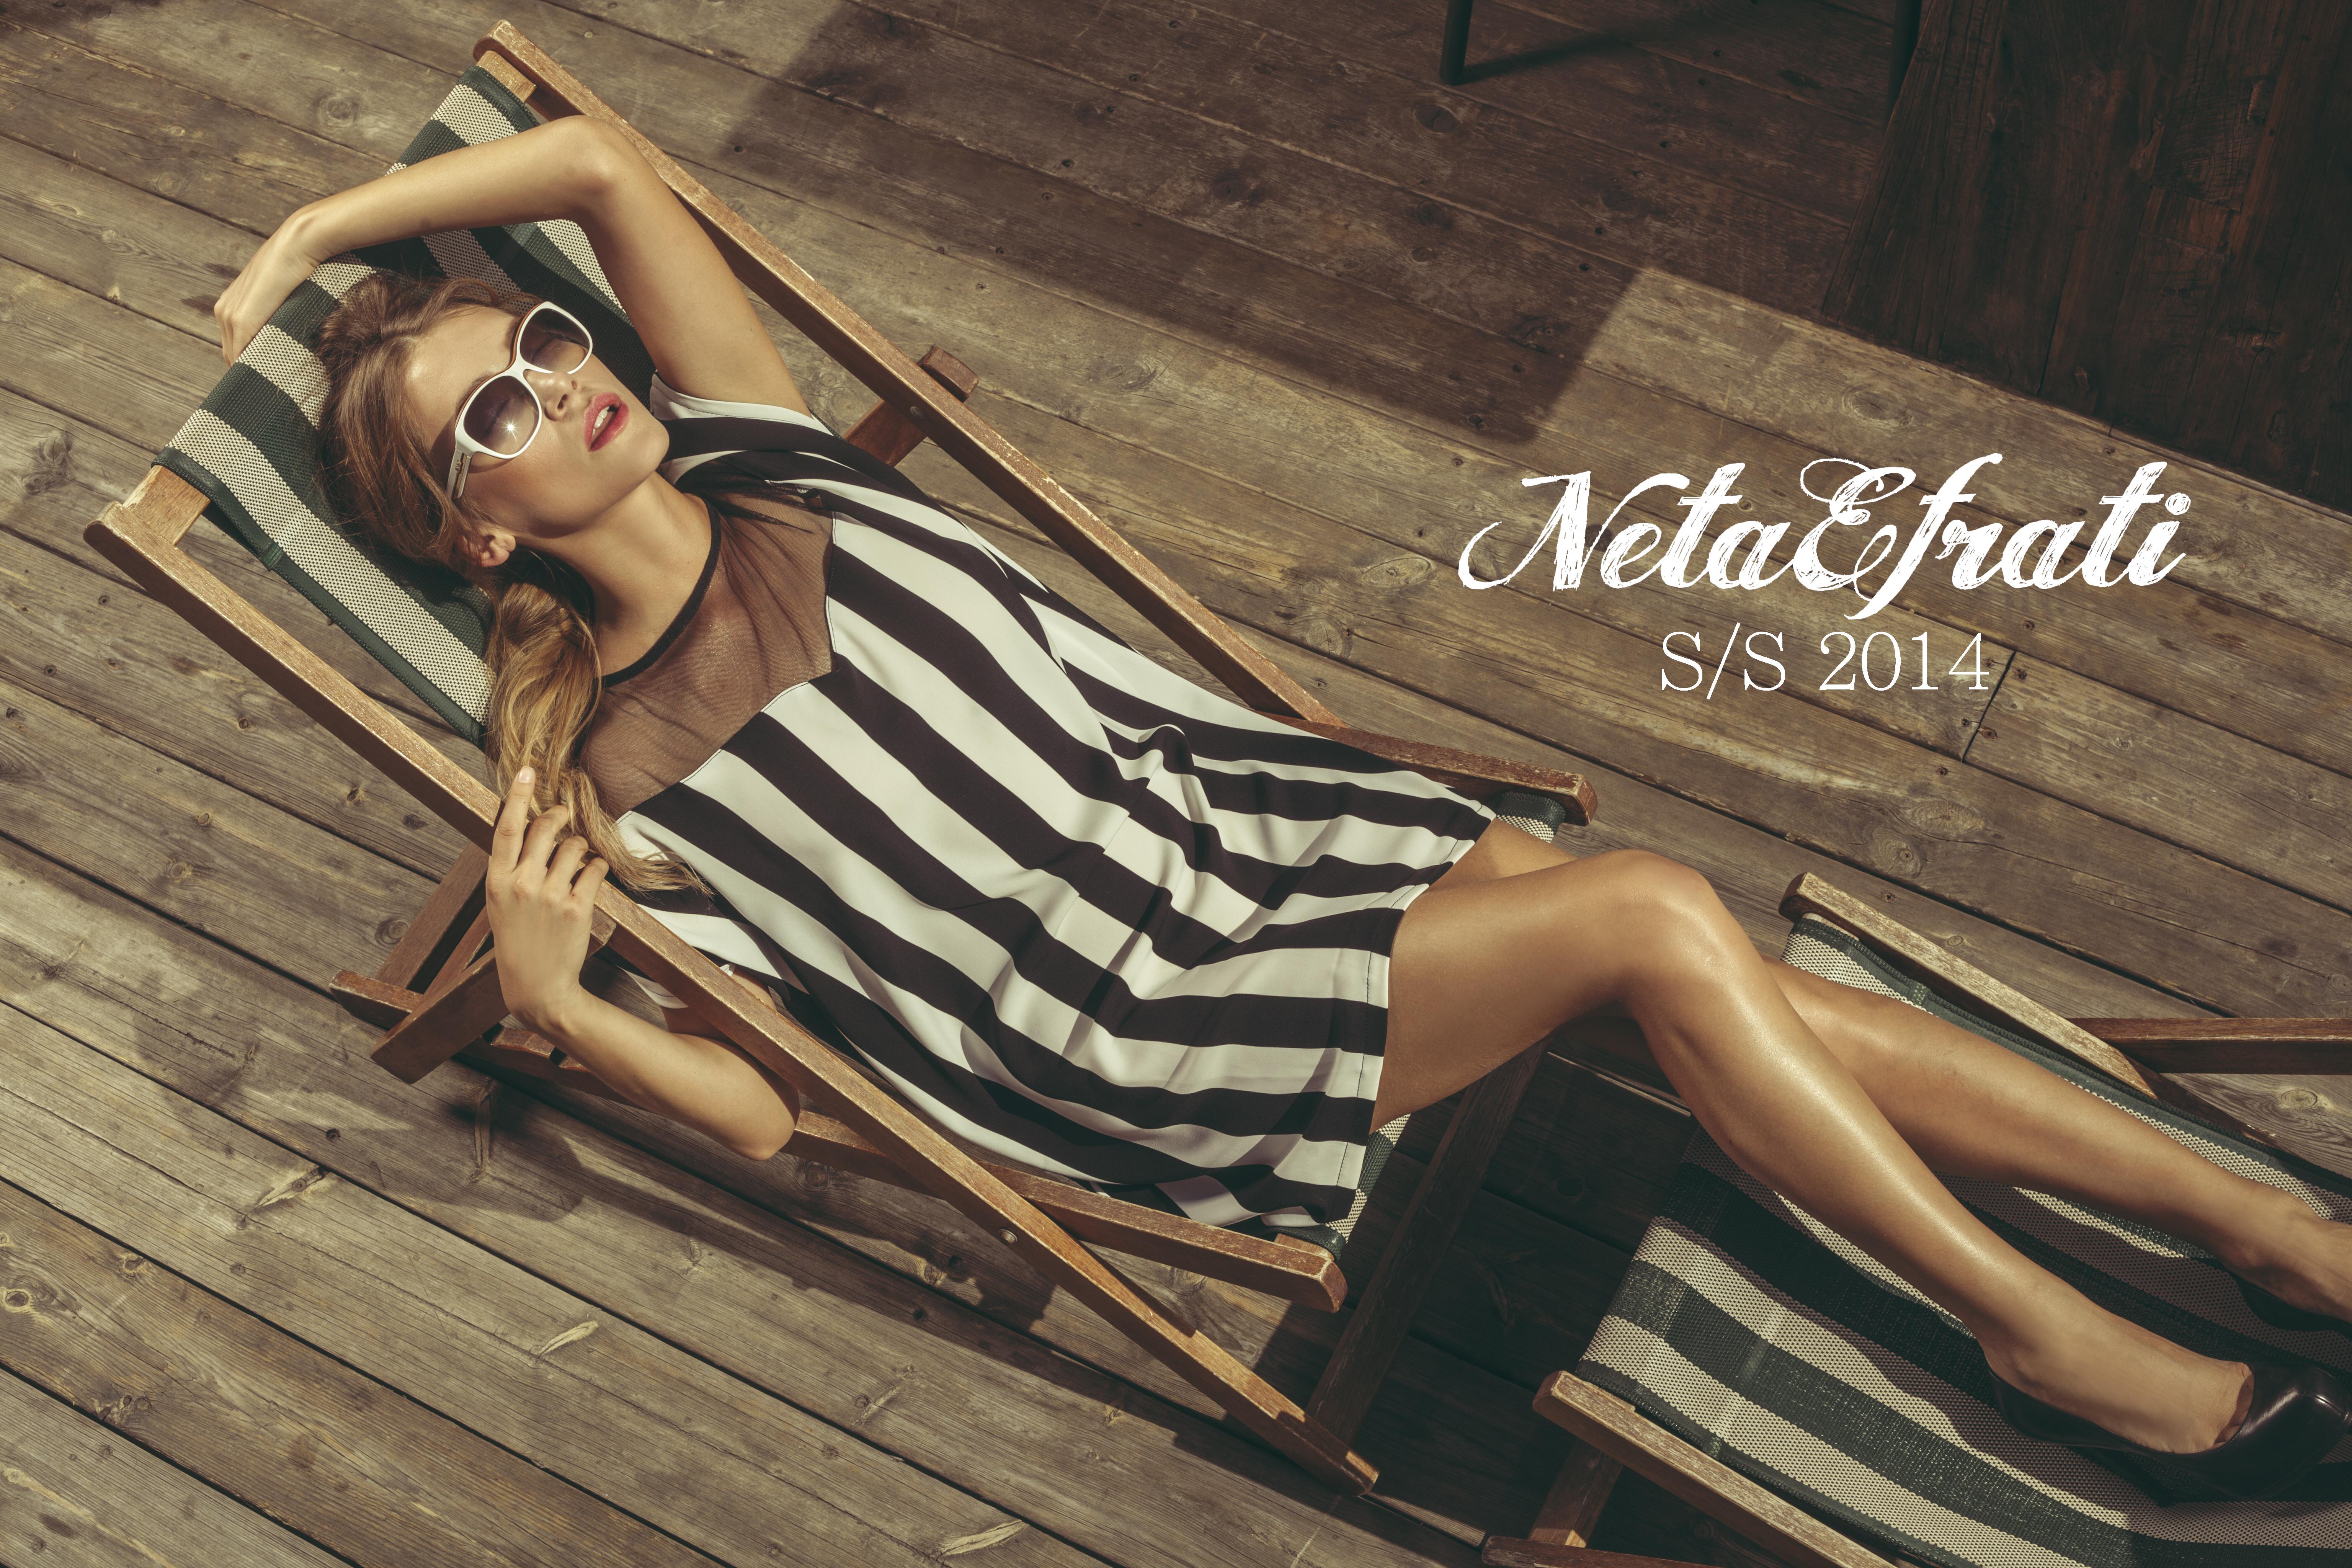 Neta Efrati S14